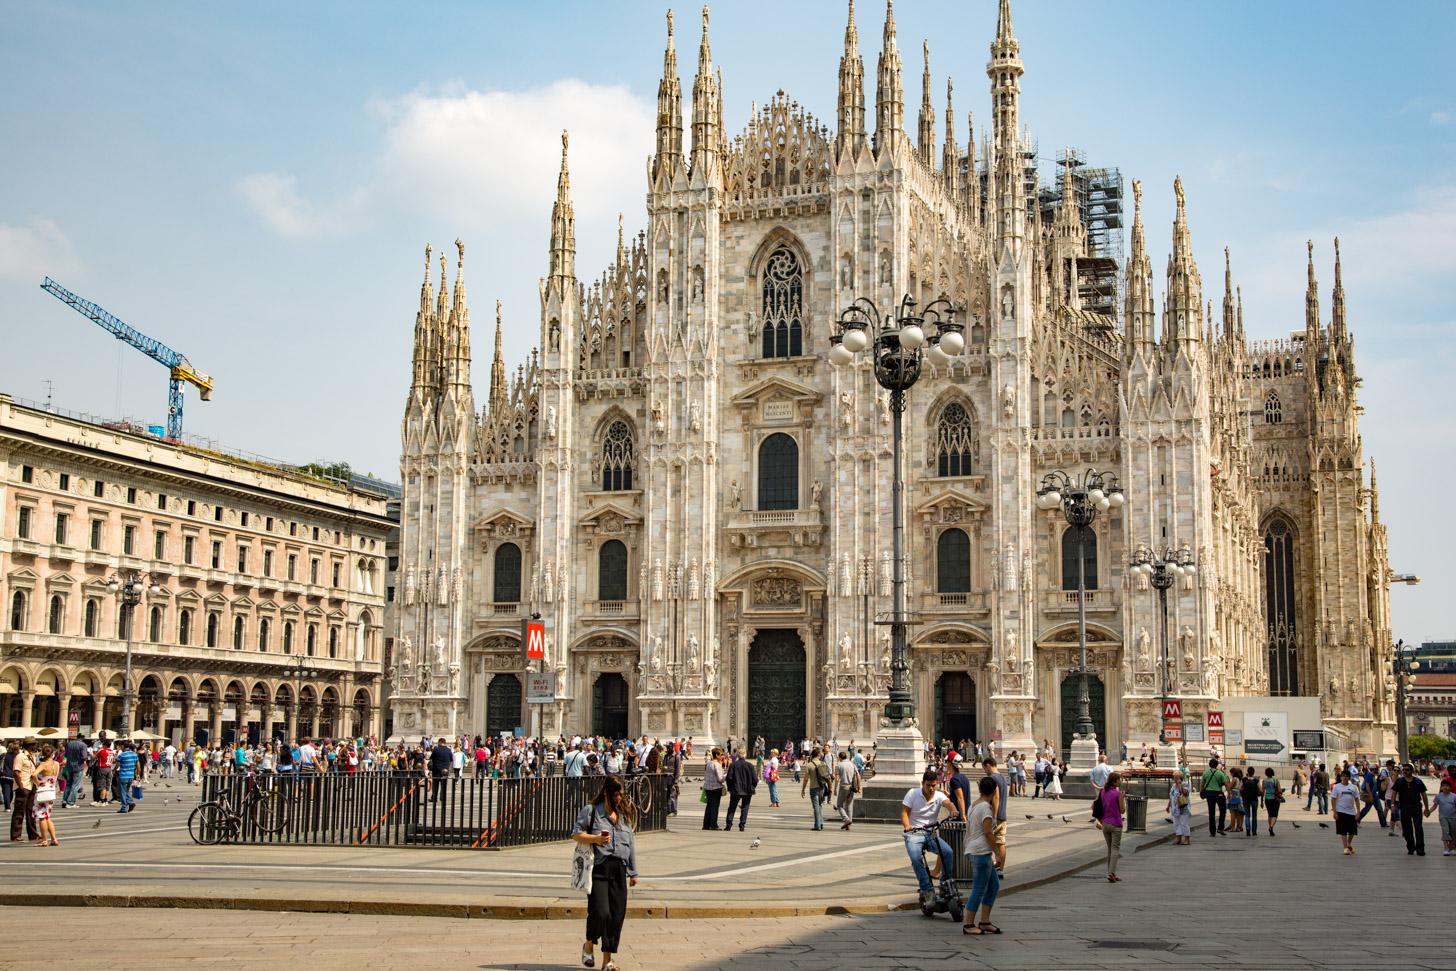 De prachtige Dom van Milaan